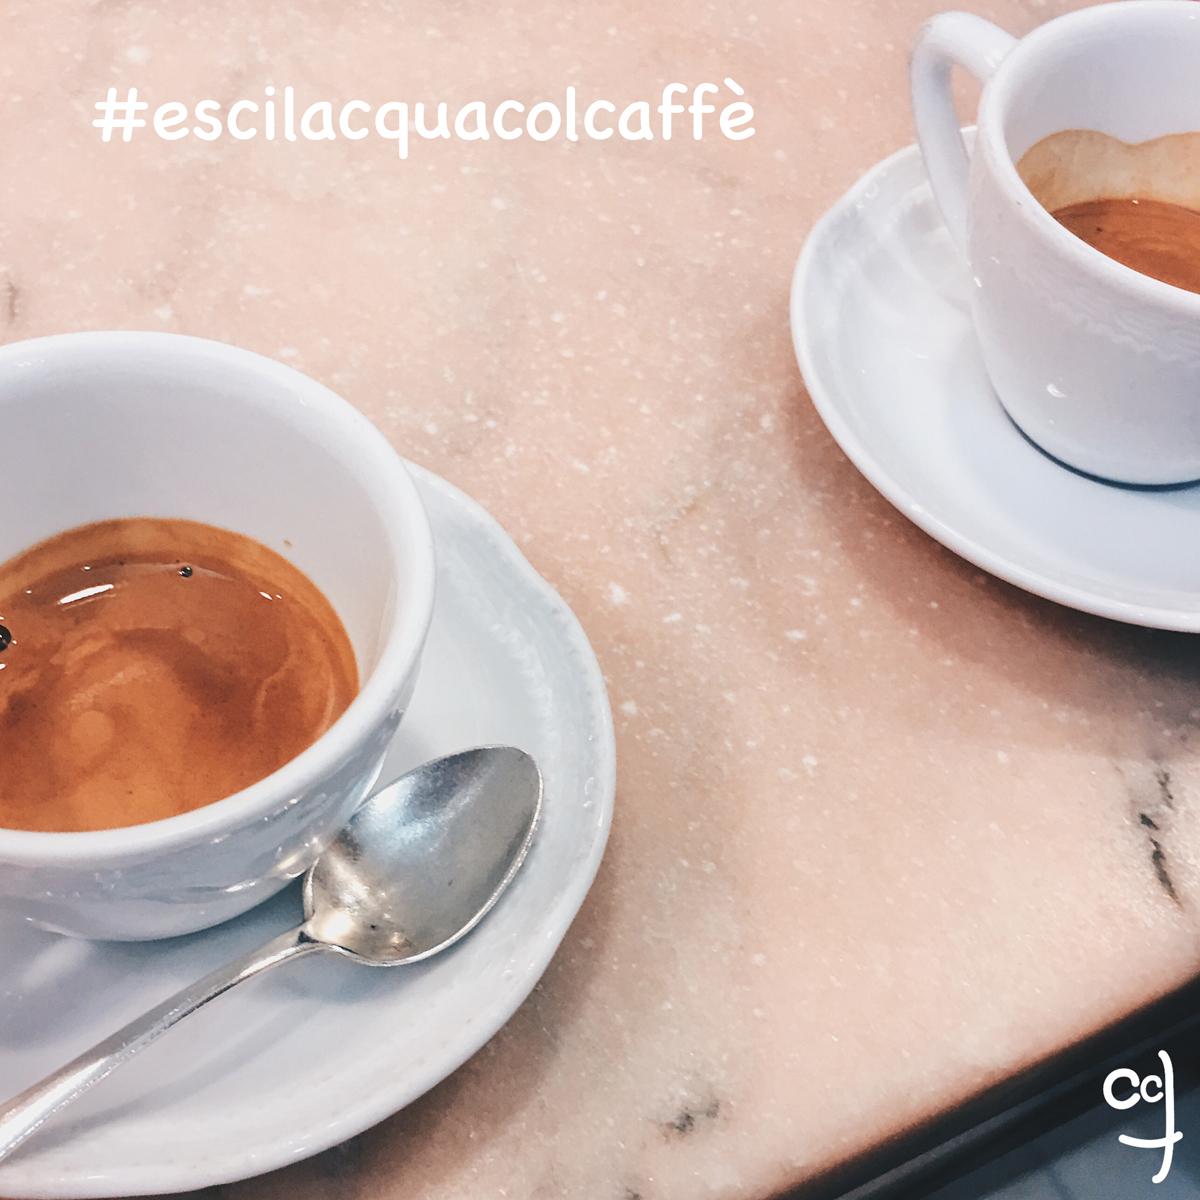 Vedi questo caffè? Questo è un espresso italiano QUASI perfetto: profumo, schiuma, aroma, gusto... tutto buono e bello MA - ! - servito senza un bicchiere d'acqua accanto (che si dovrebbe bere rigorosamente PRIMA, in modo da pulire la bocca e quindi apprezzare al meglio il caffè) è un espresso servito con ignoranza ovvero senza conoscere la buona tradizione e/o fare attenzione ai dettagli che fanno sempre la differenza.